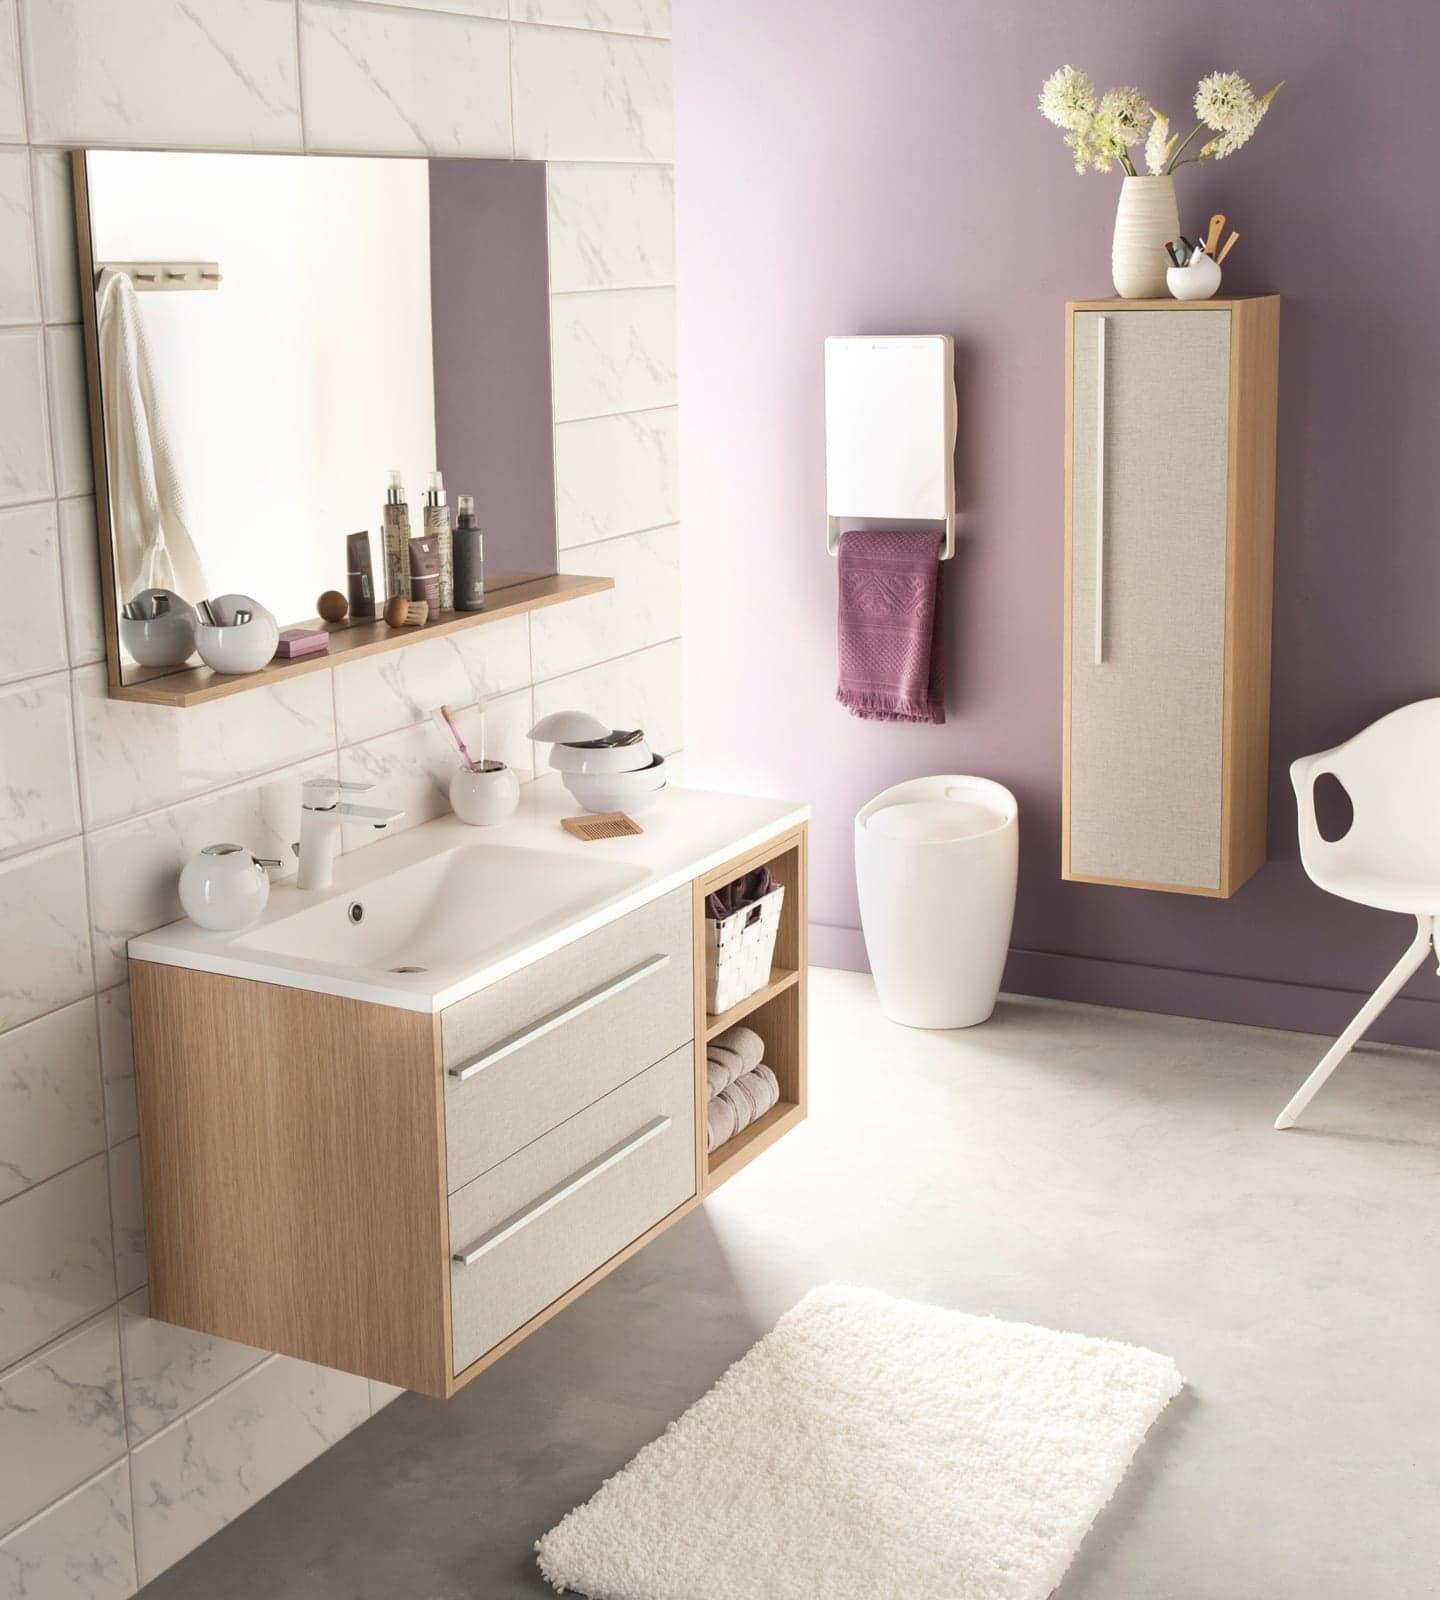 Salles de bain et sanitaires c 39 est chez mr bricolage - Mr bricolage salle de bain ...